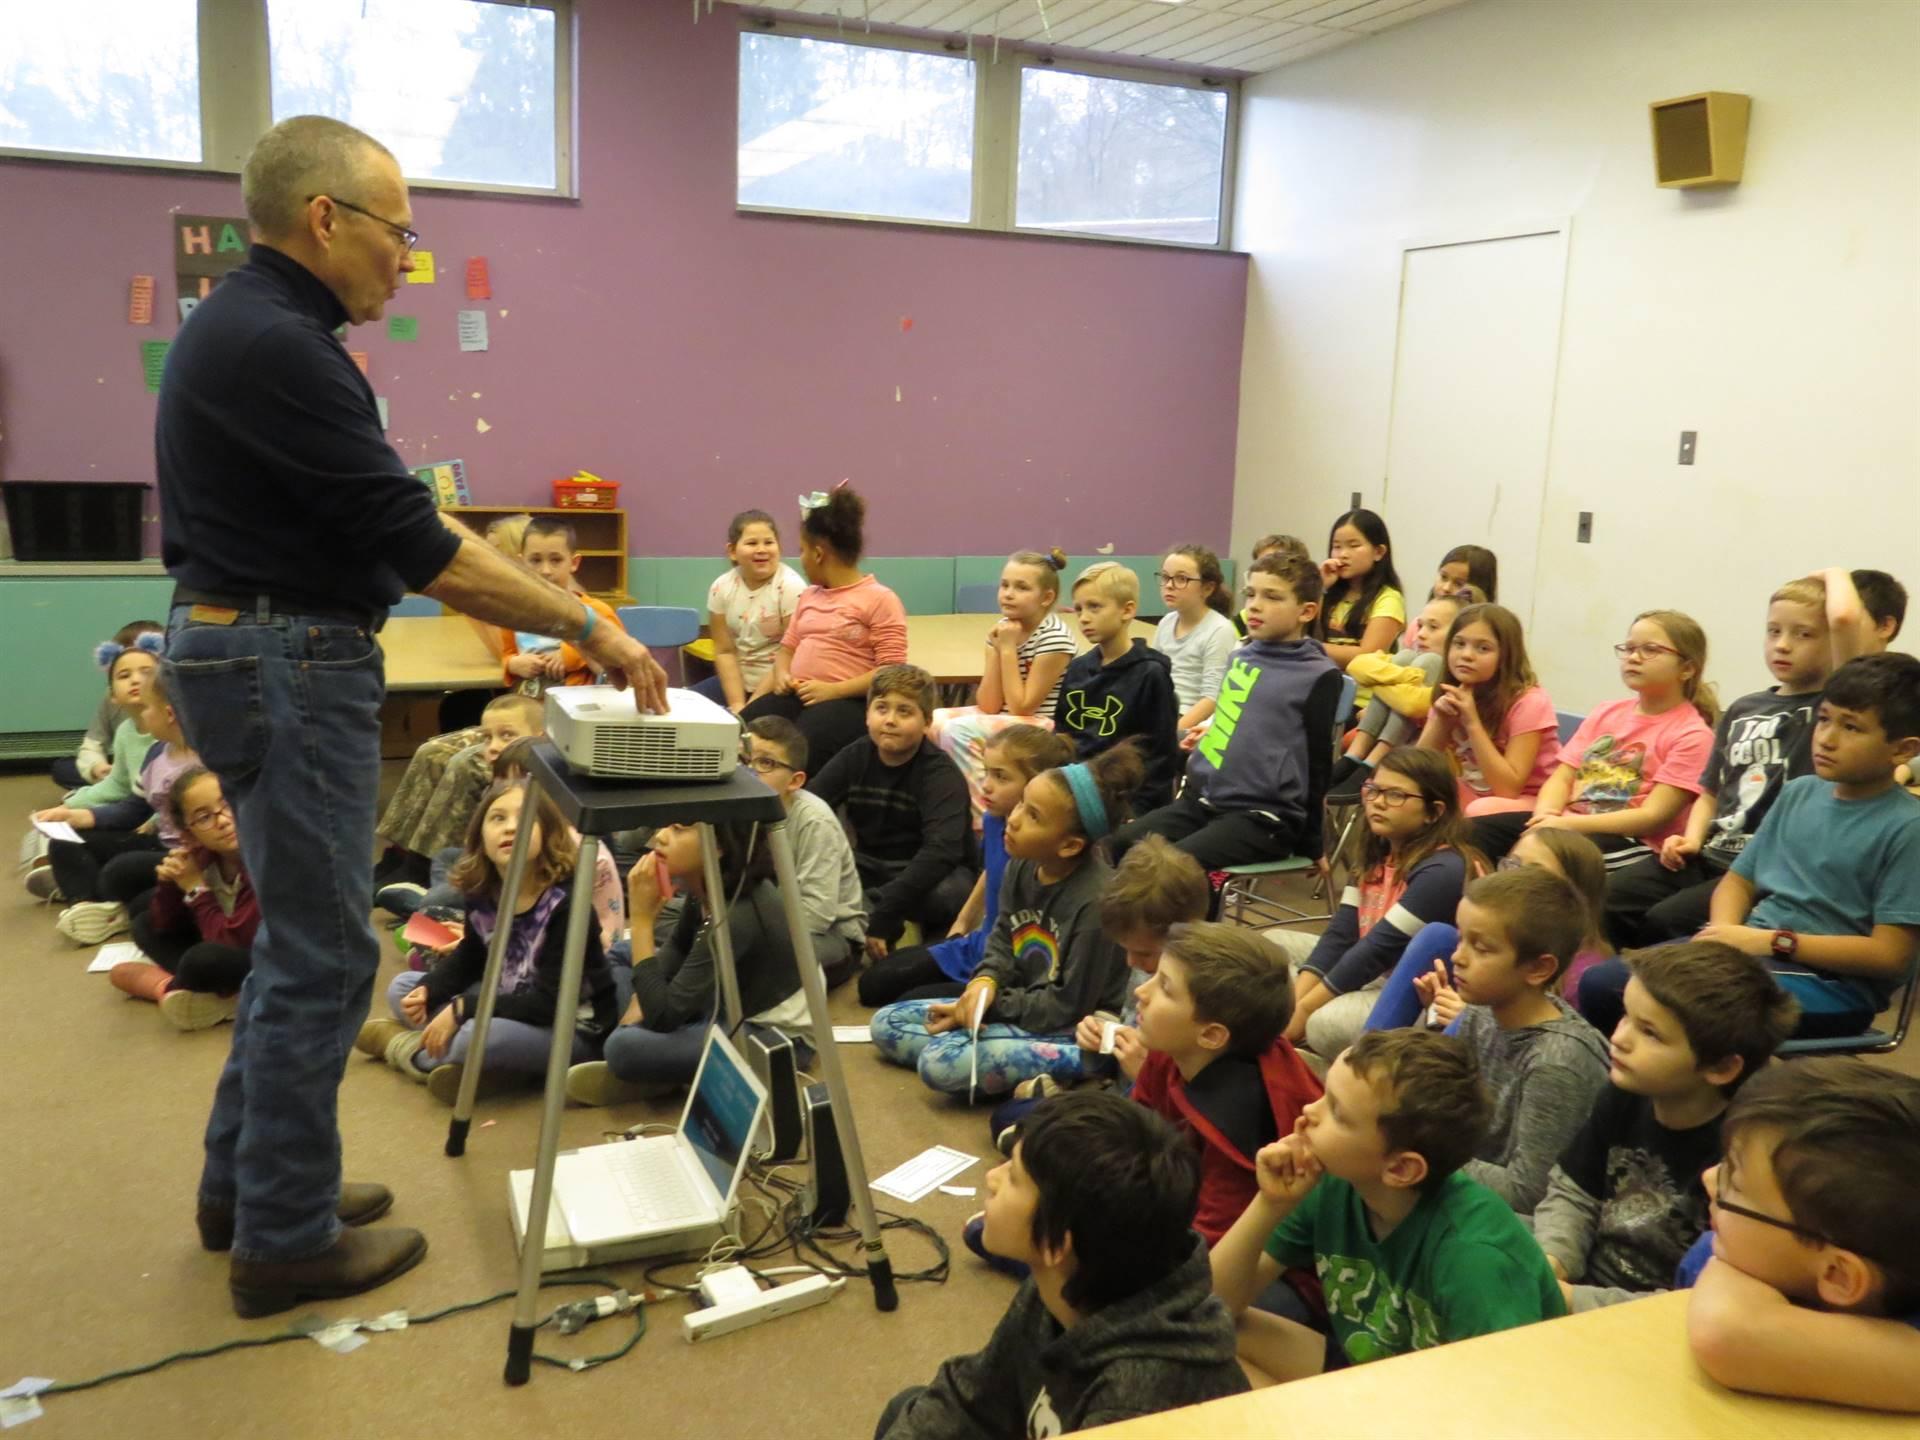 Mr.-Jeff-Smith-teaches-third-grade-about-geodes